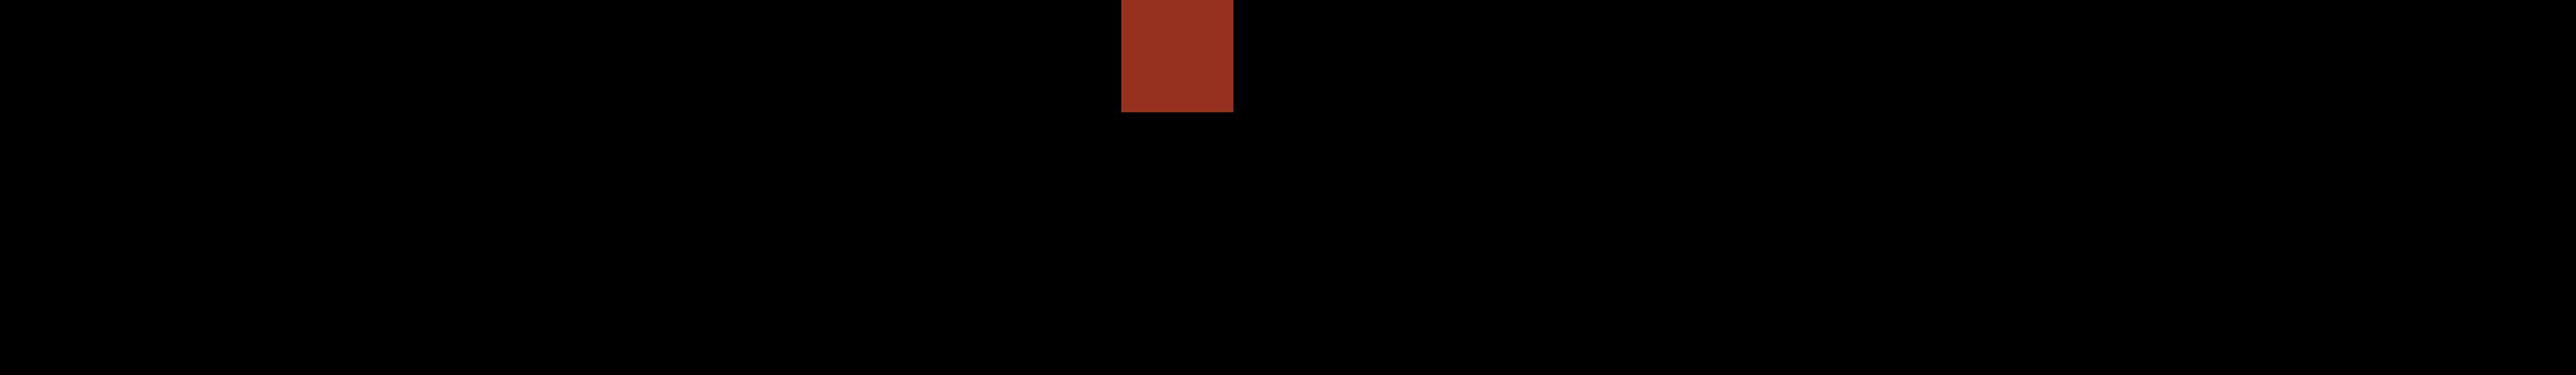 logo H+K horizontal (red CMYK)